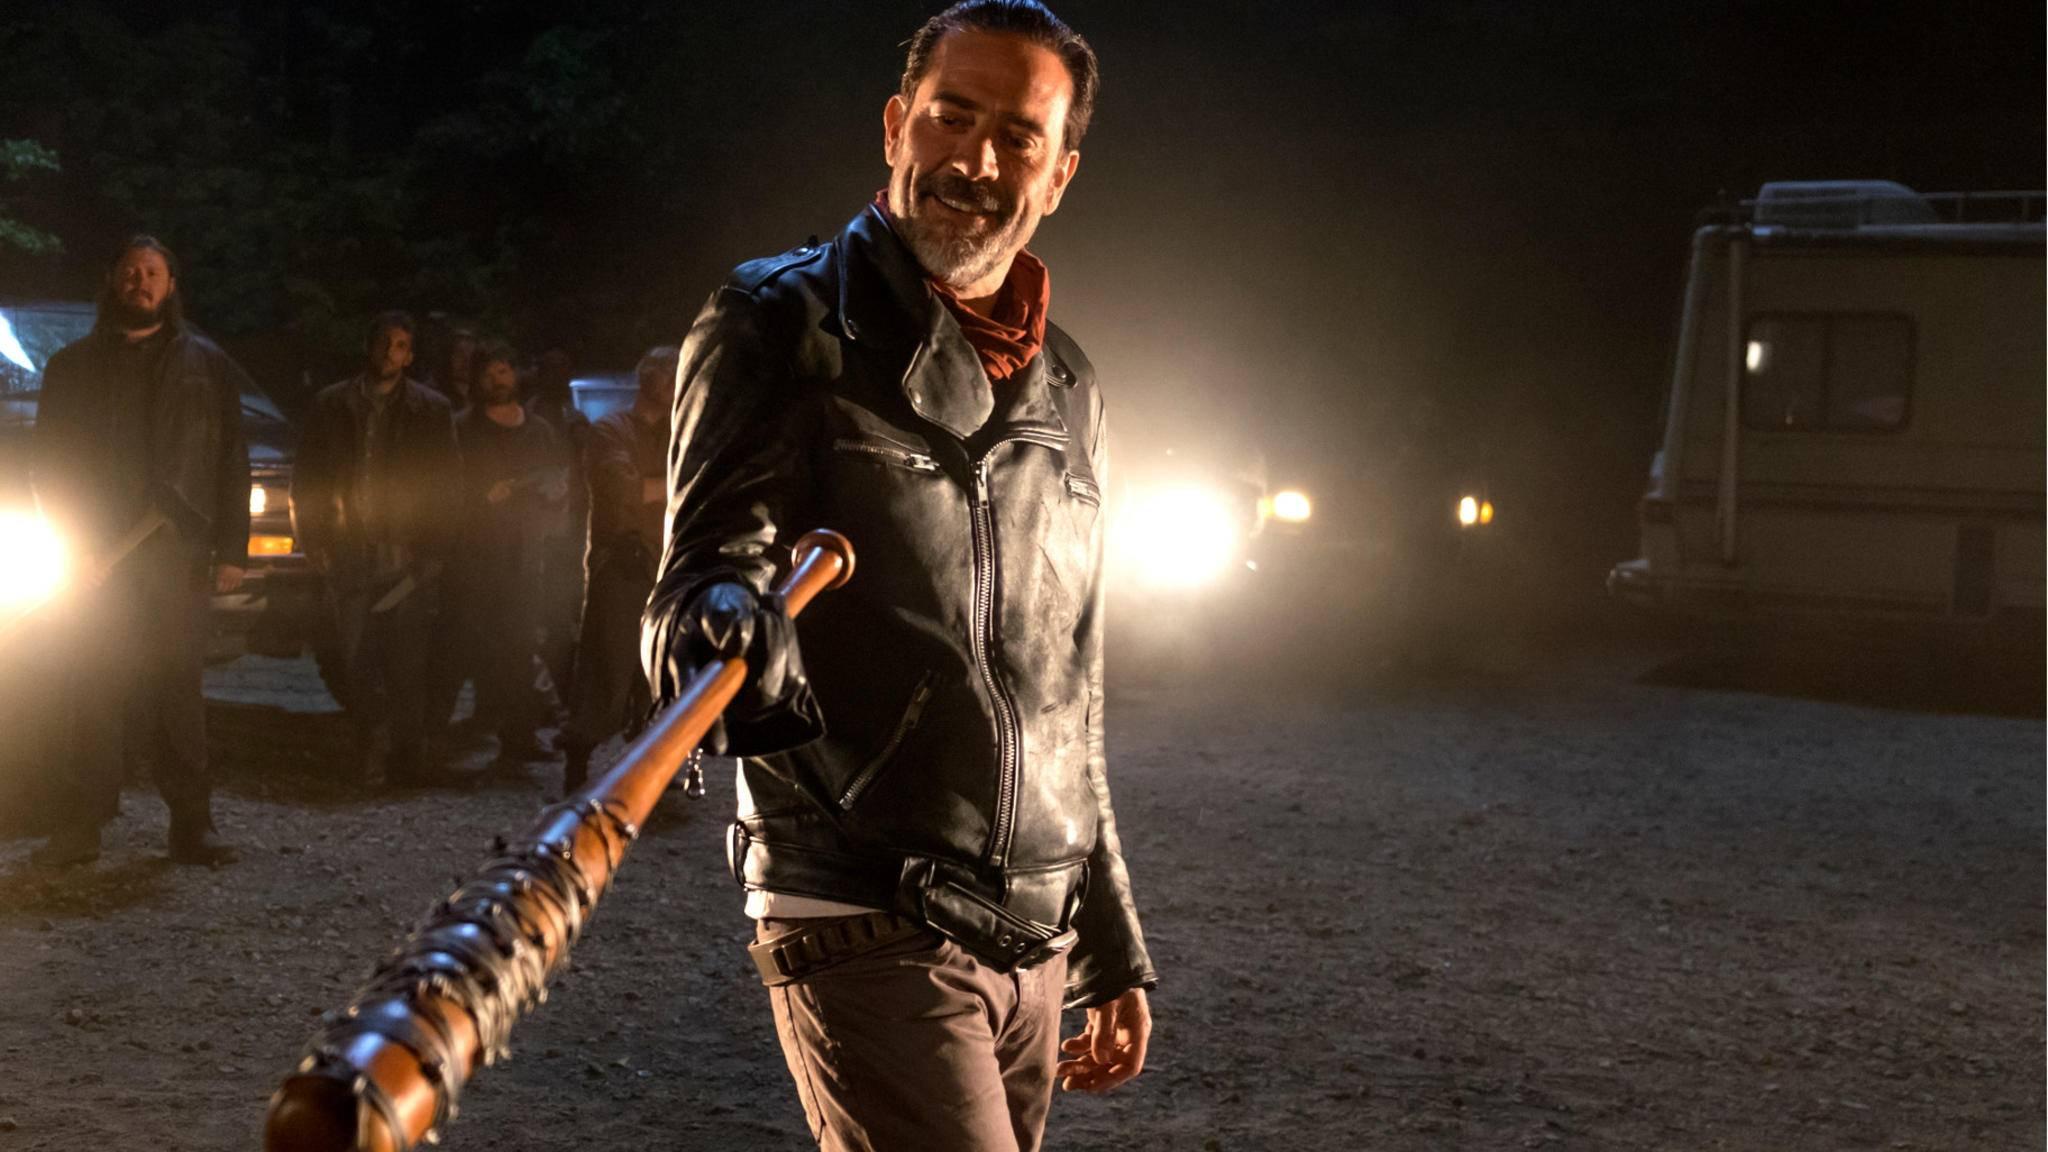 """Folge 6 von """"The Walking Dead"""" steht uns bevor, wie wird es wohl weitergehen?"""